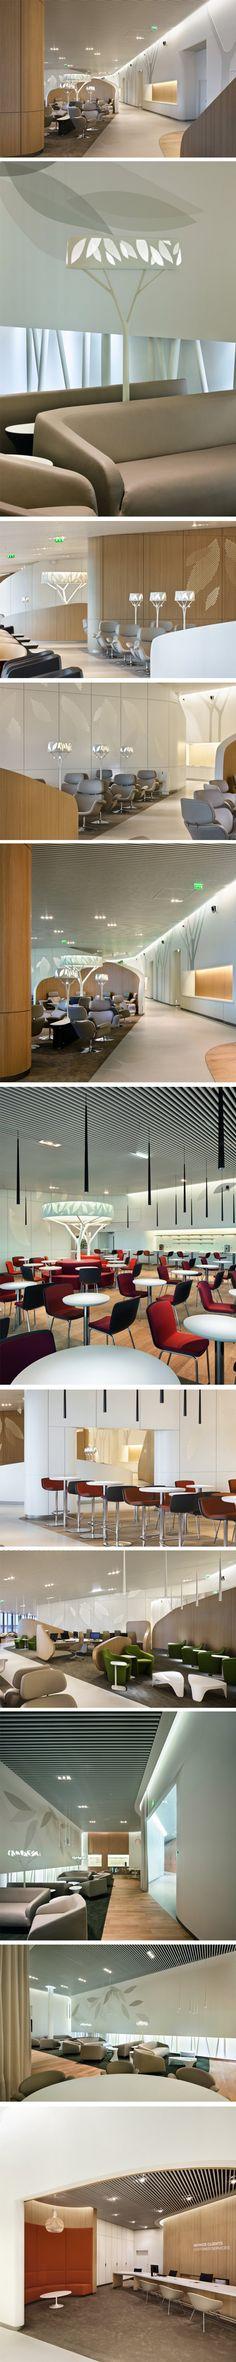 Business Lounge d'Air France par Noé Duchaufour-Lawrance et Brandimage